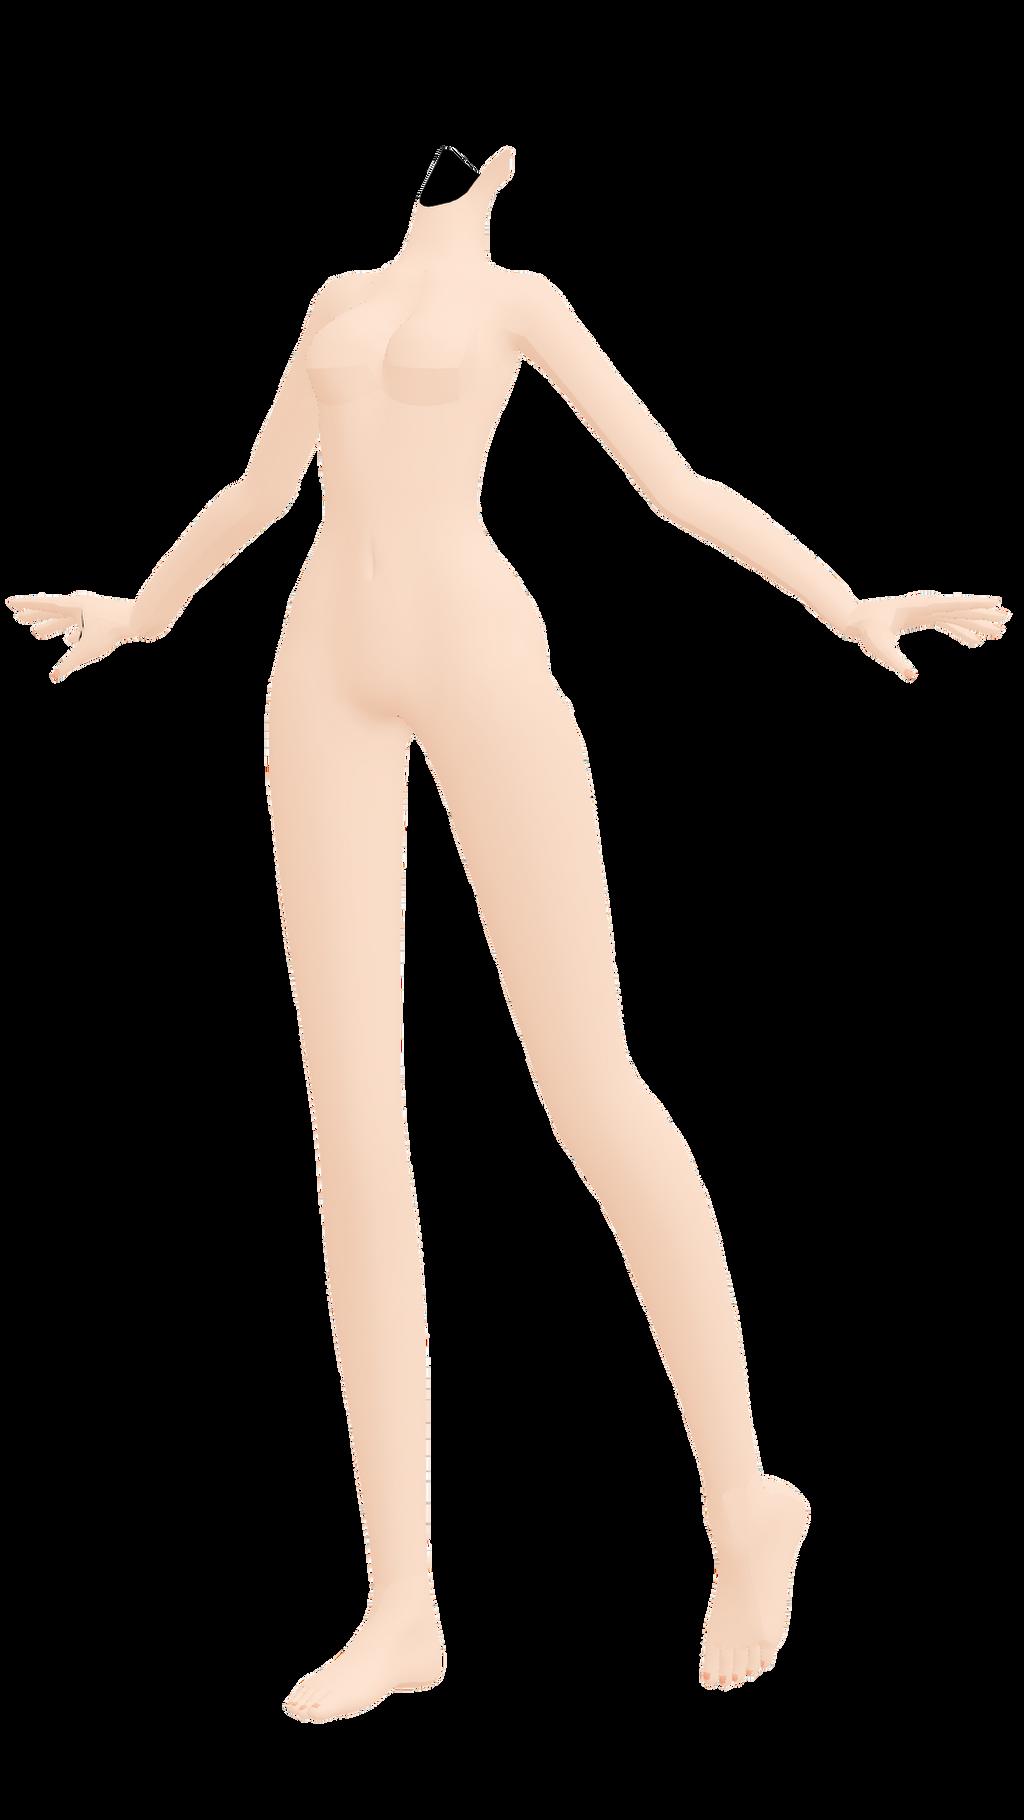 Hatsune miku 3d short 8